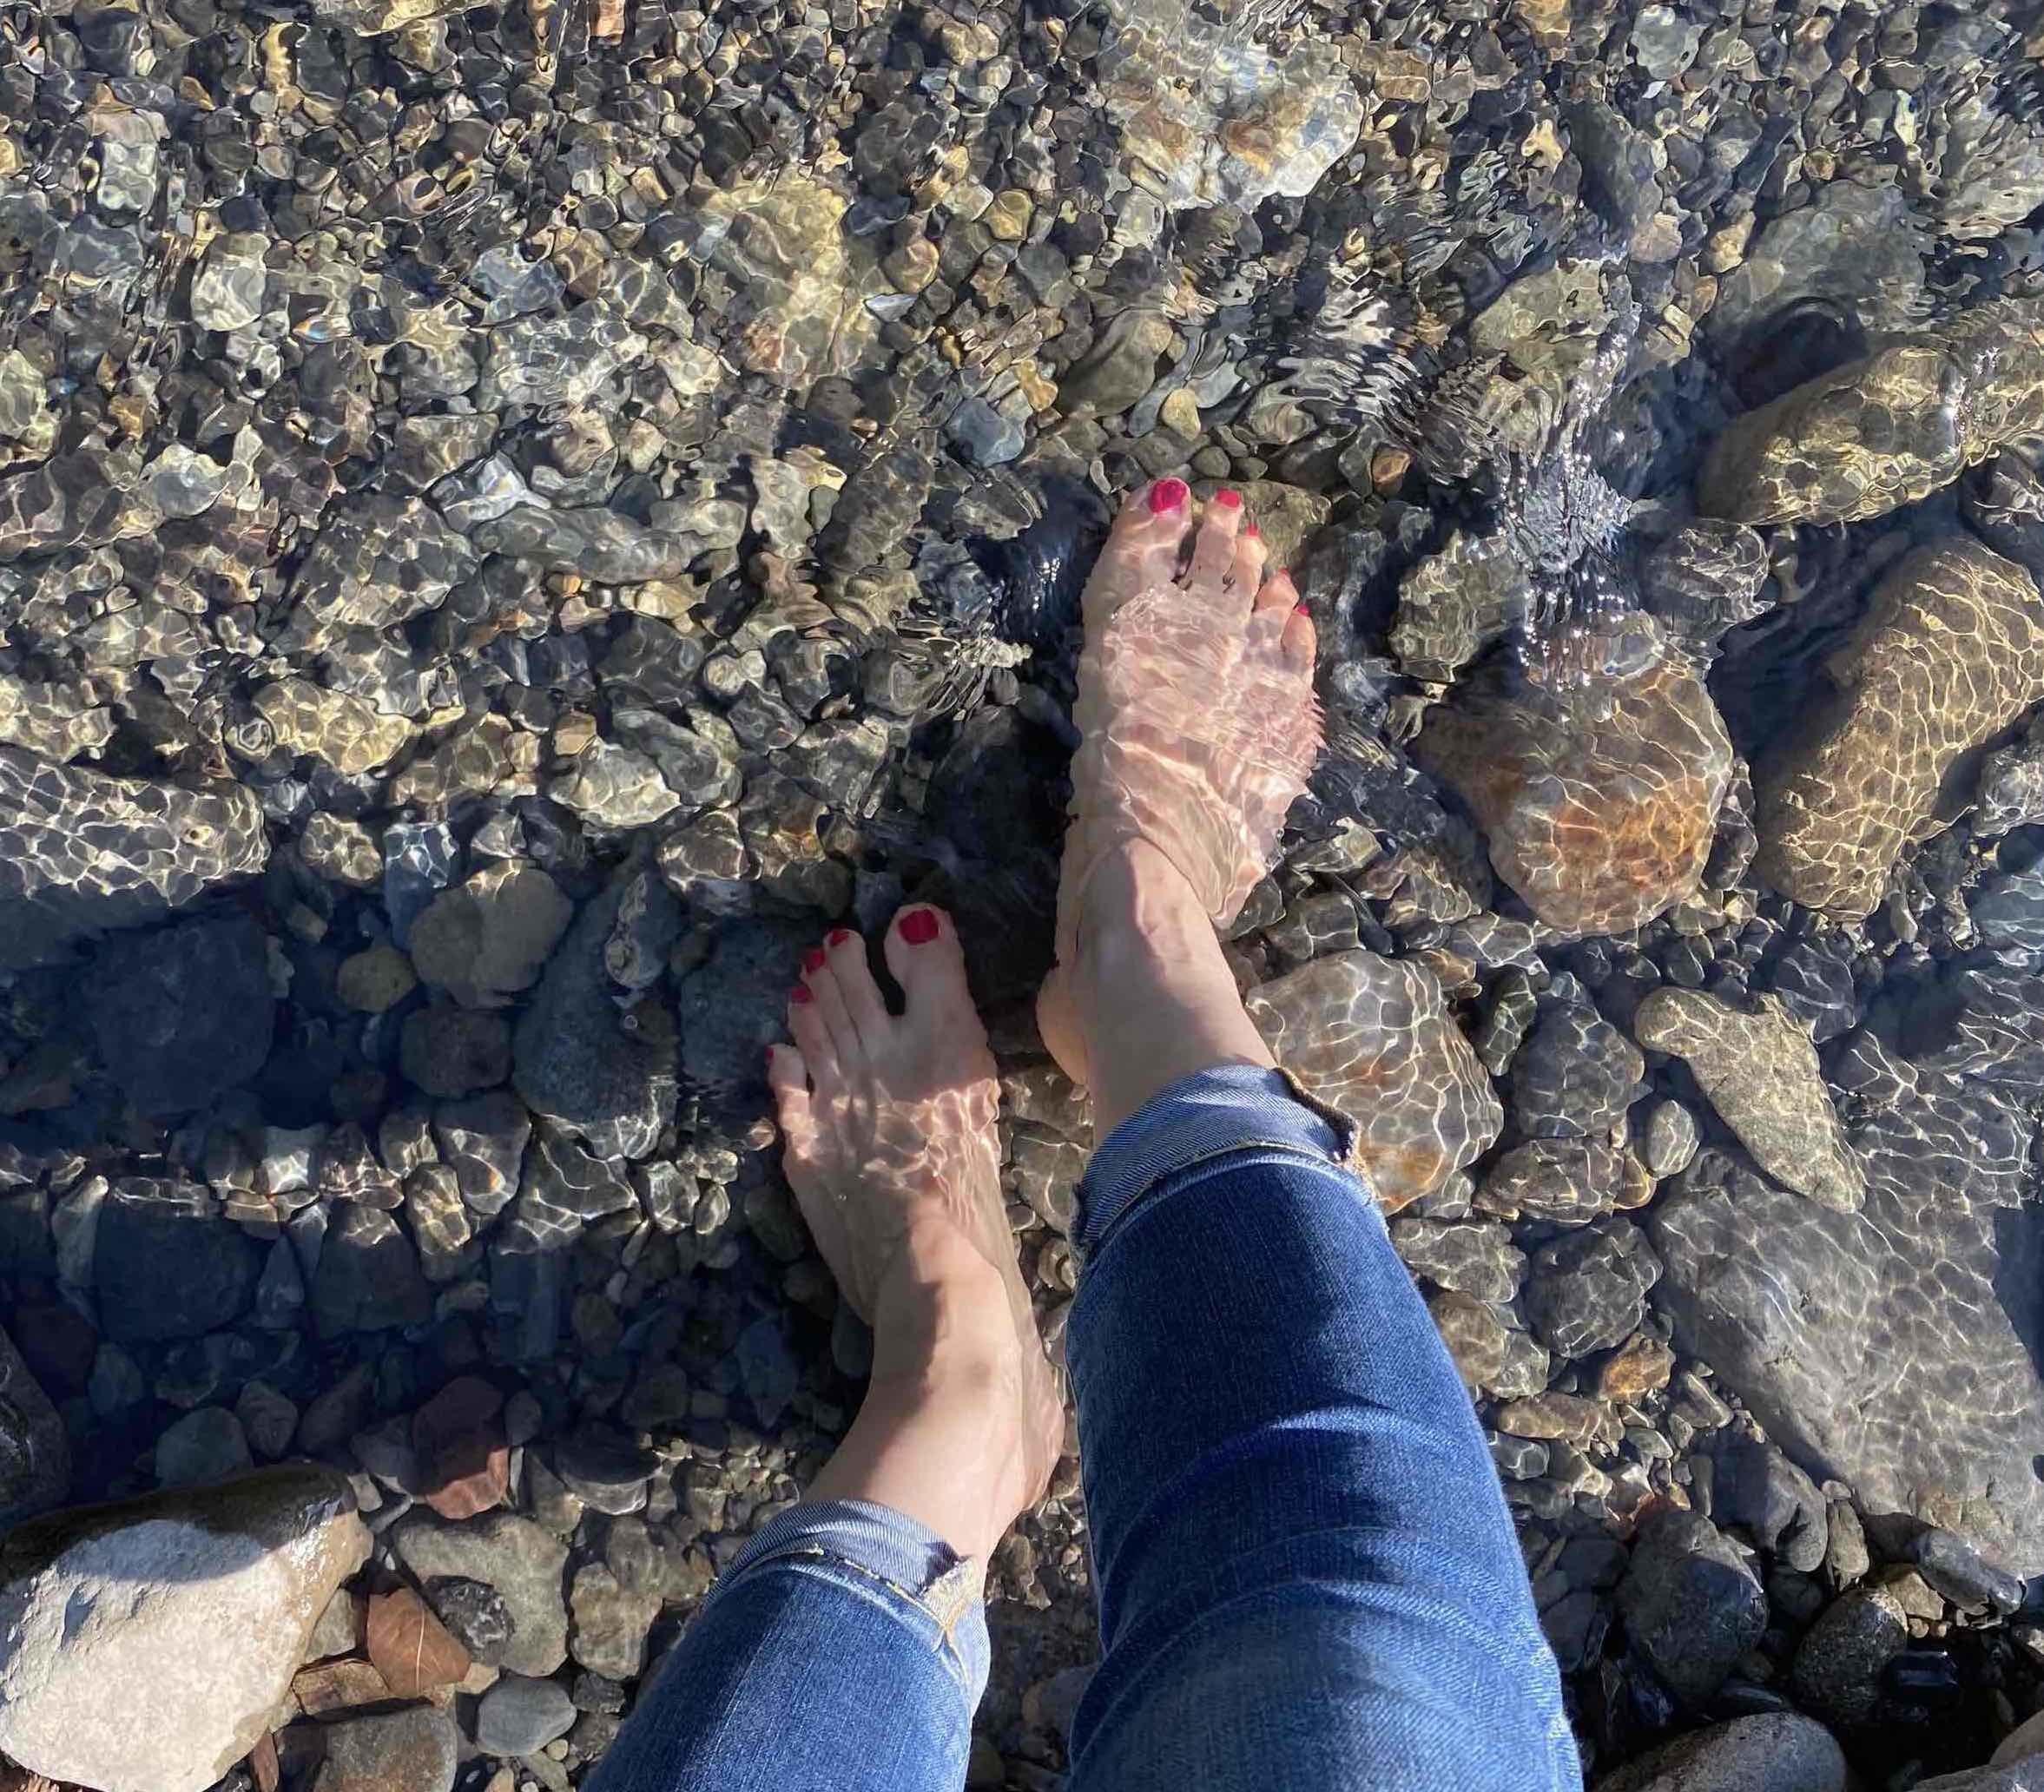 足を川に入れましたが冷たかったけど気持ちよかった